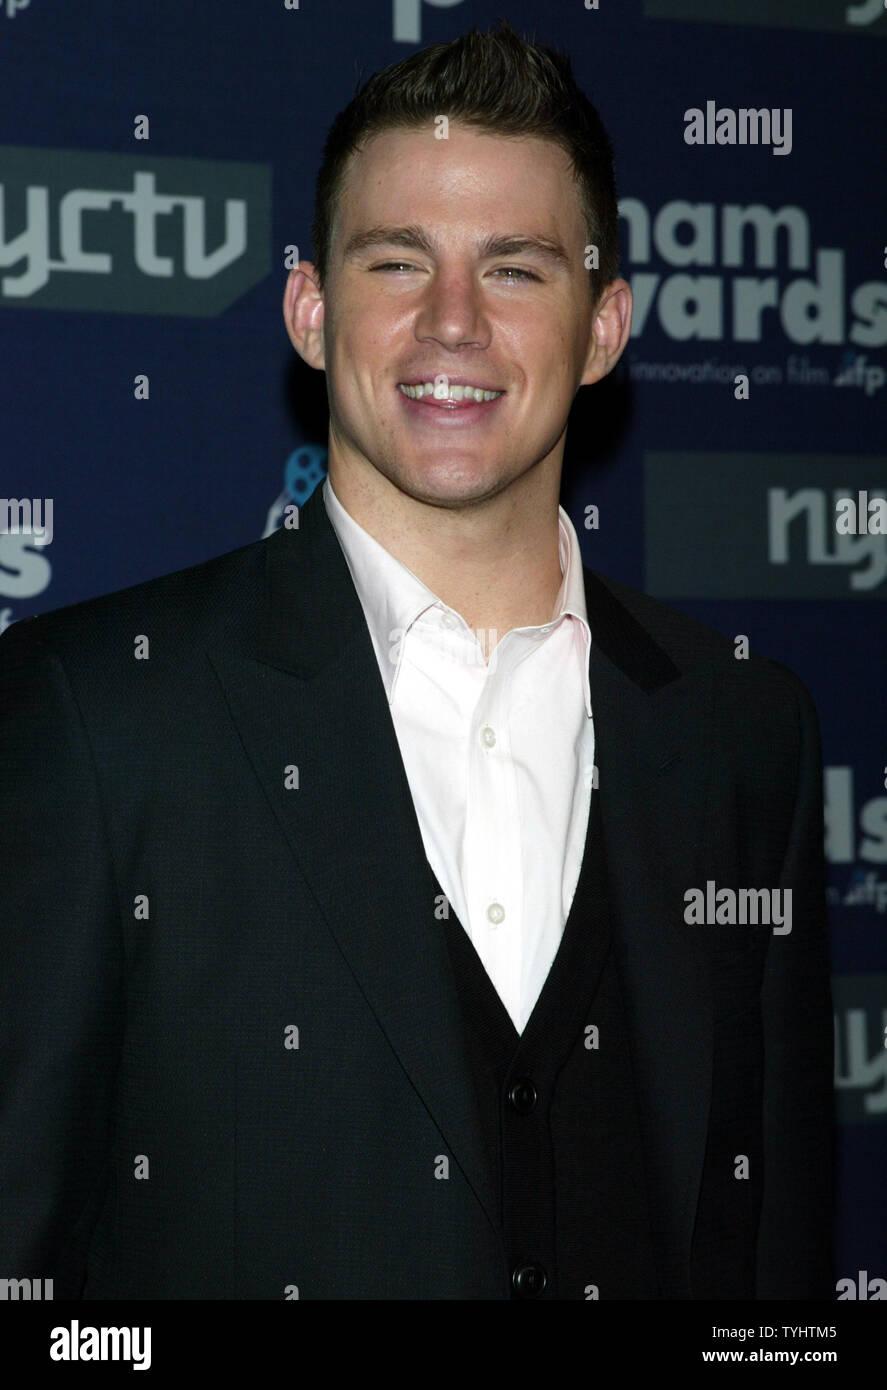 Channing Tatum kommt für die 16. jährlichen Gotham Awards am Pier 60 - Chelsea Piers in New York am 29. November 2006. (UPI Foto/Laura Cavanaugh) Stockbild